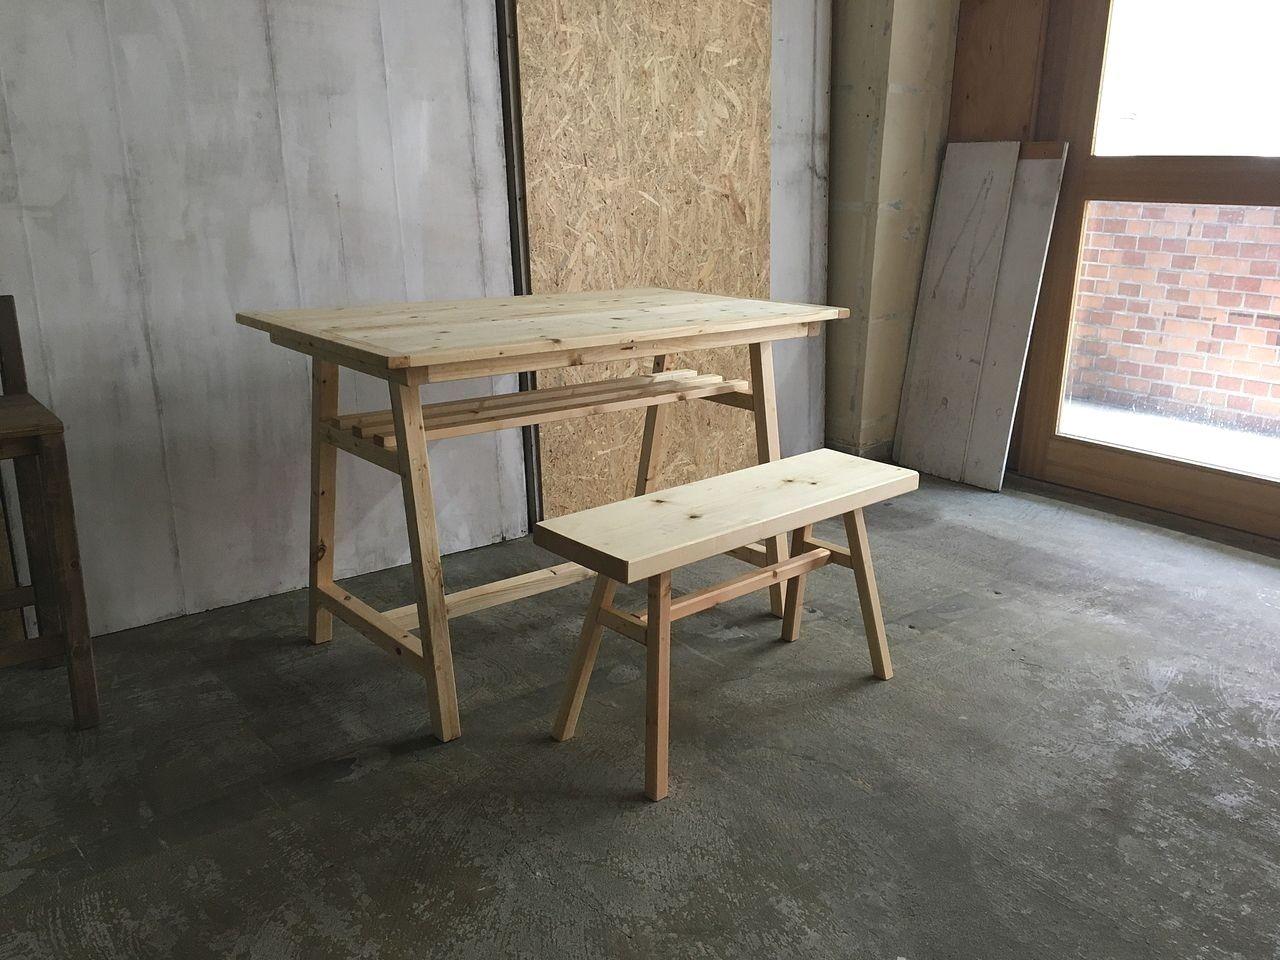 板を並べた小ぶりなダイニングテーブル